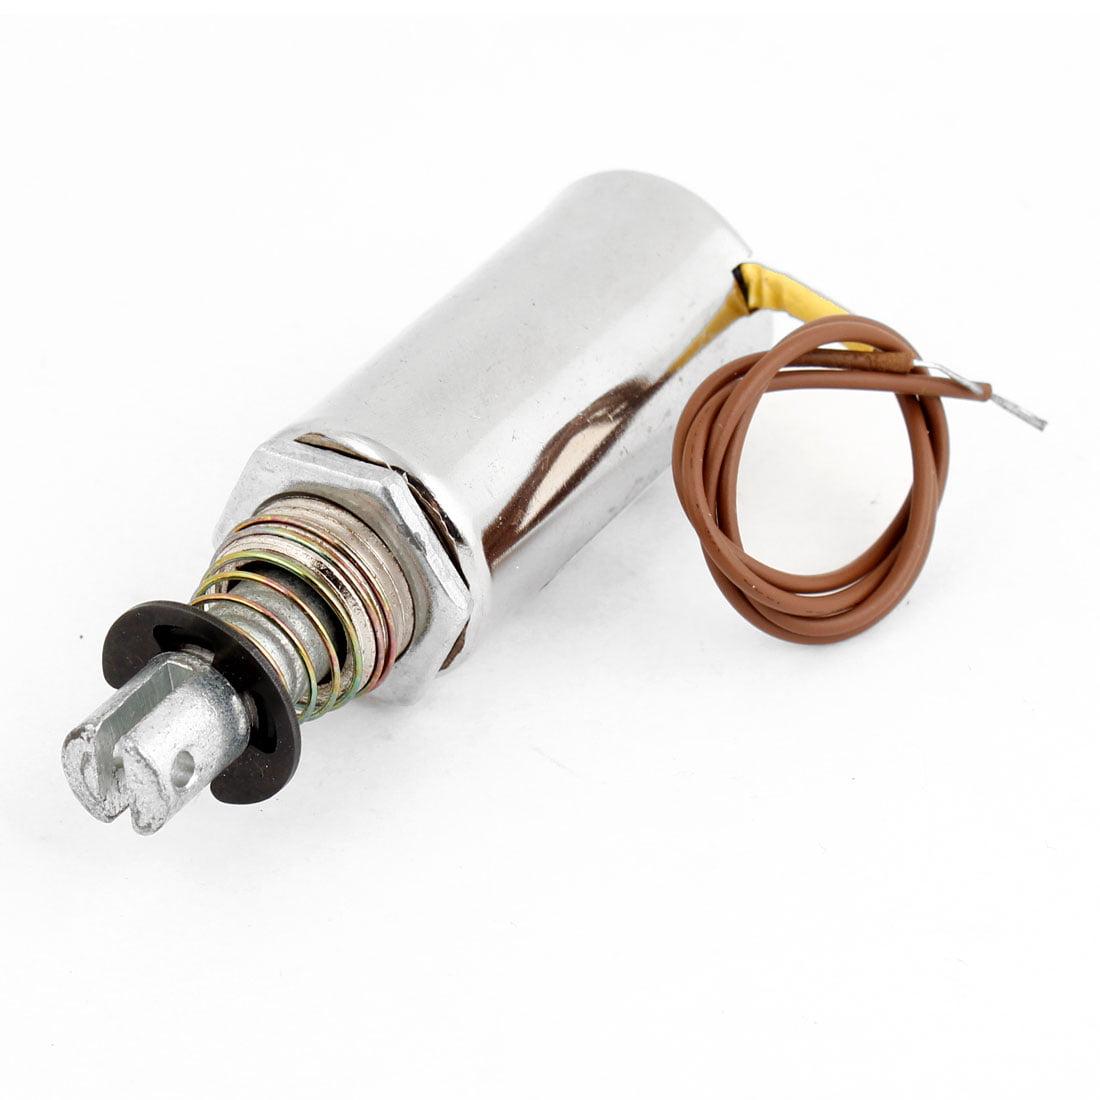 DC 12V 0mm 0,5 Kg tubulaire Type Traction électro-aimant électrique actionneur solénoïde - image 1 de 1